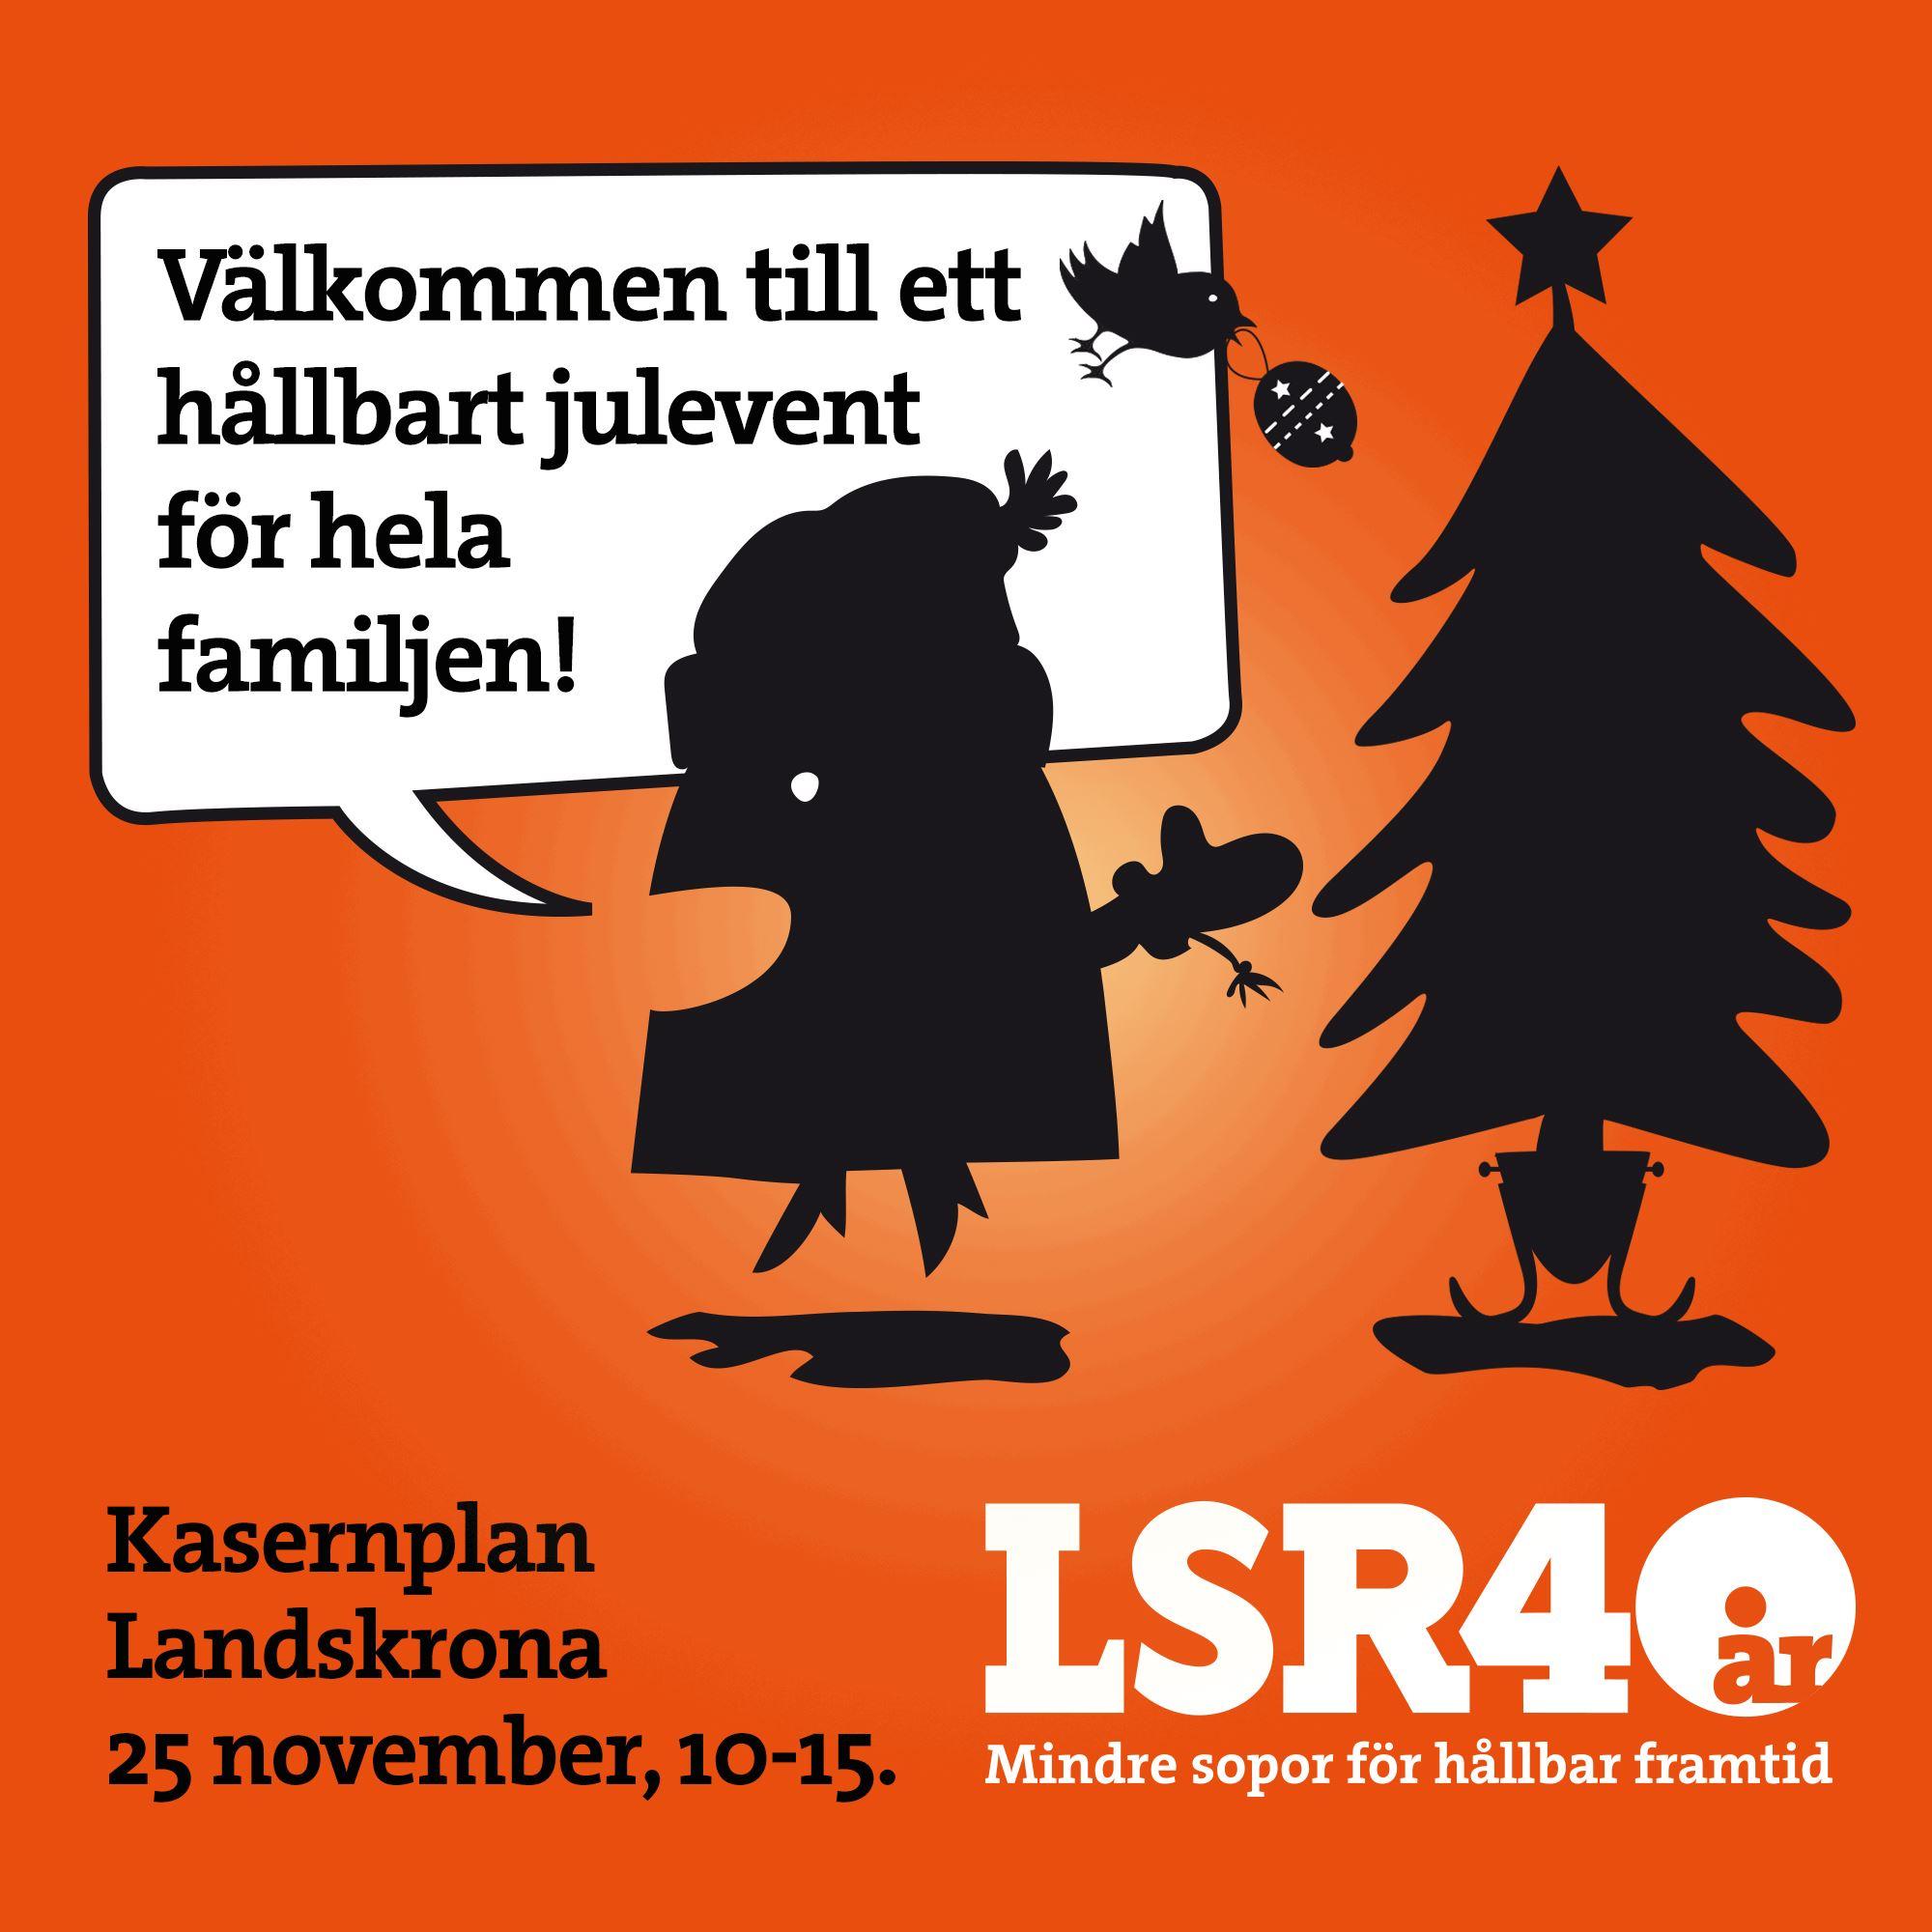 LSR 40 år – Ett hållbart julevent för hela familjen